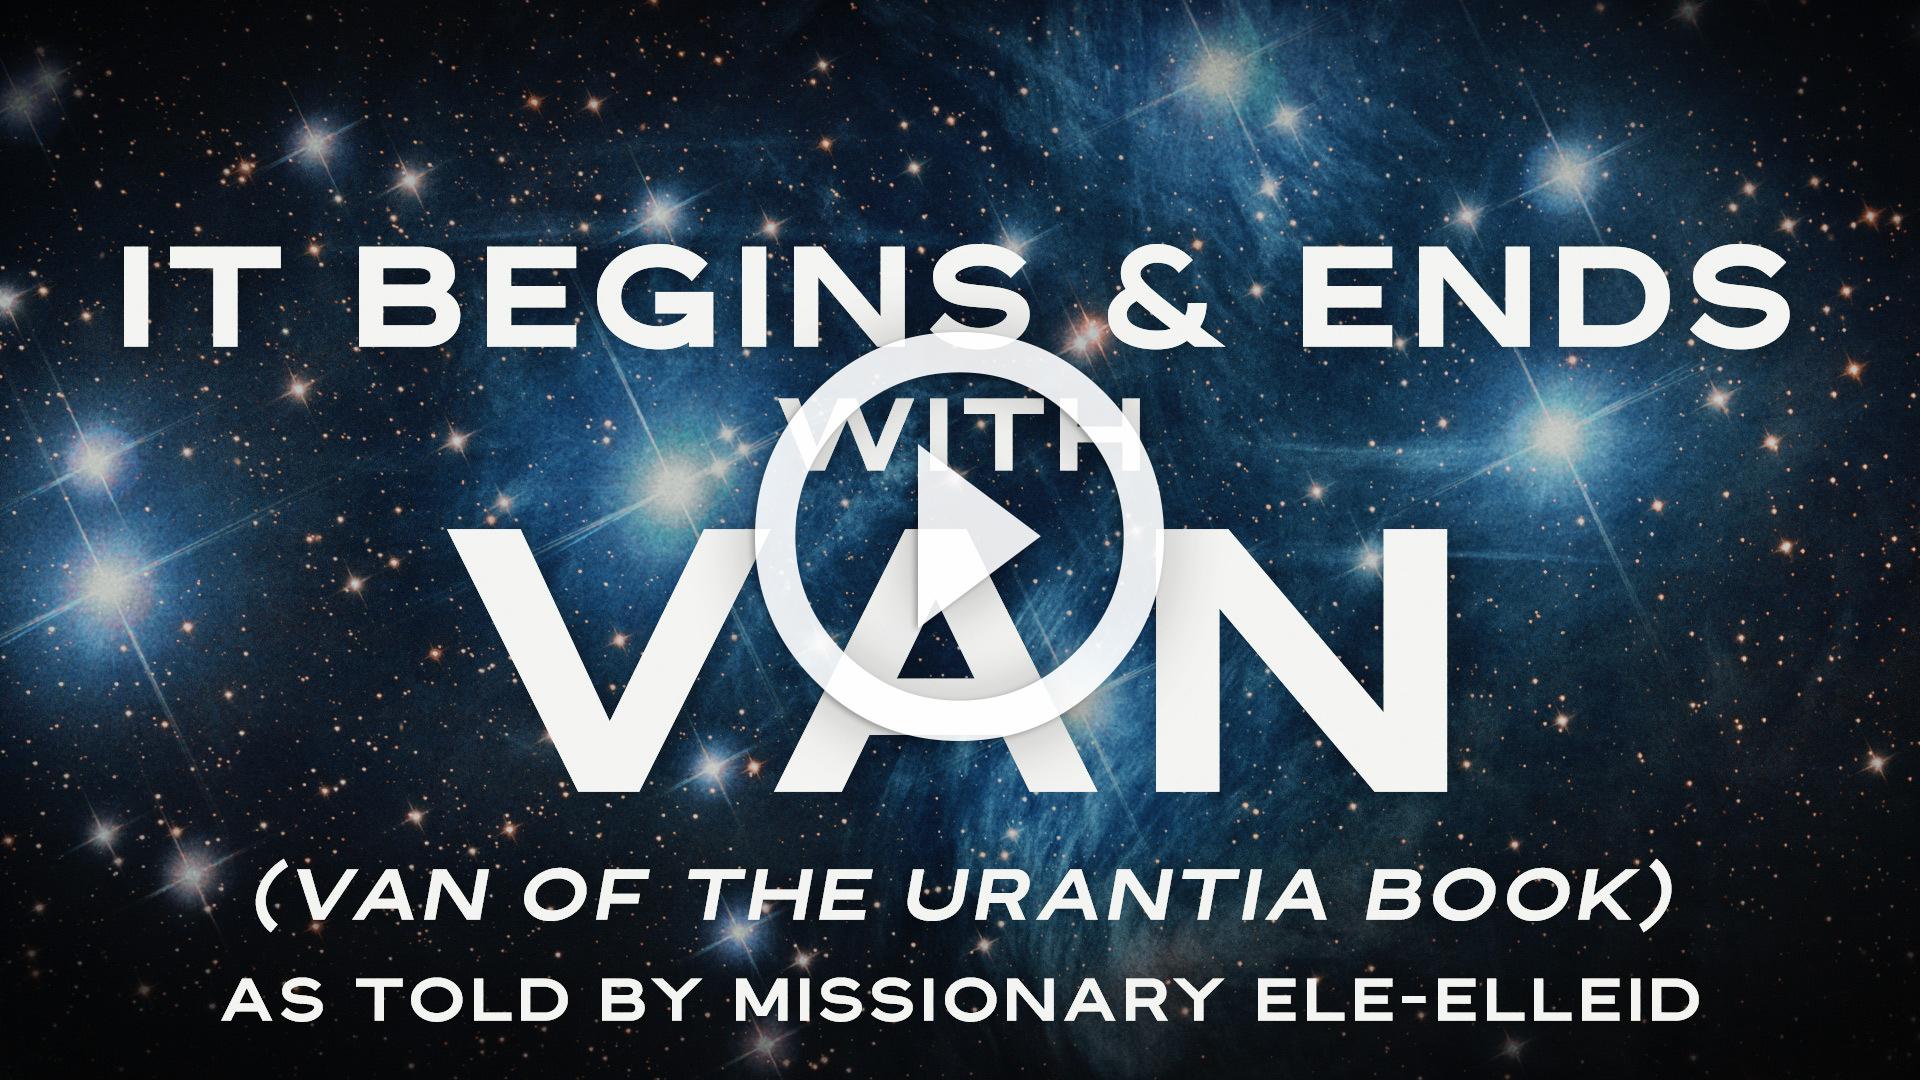 It Begins & Ends with Van (Van of The Urantia Book) as told by Missionary Ele-Elleid